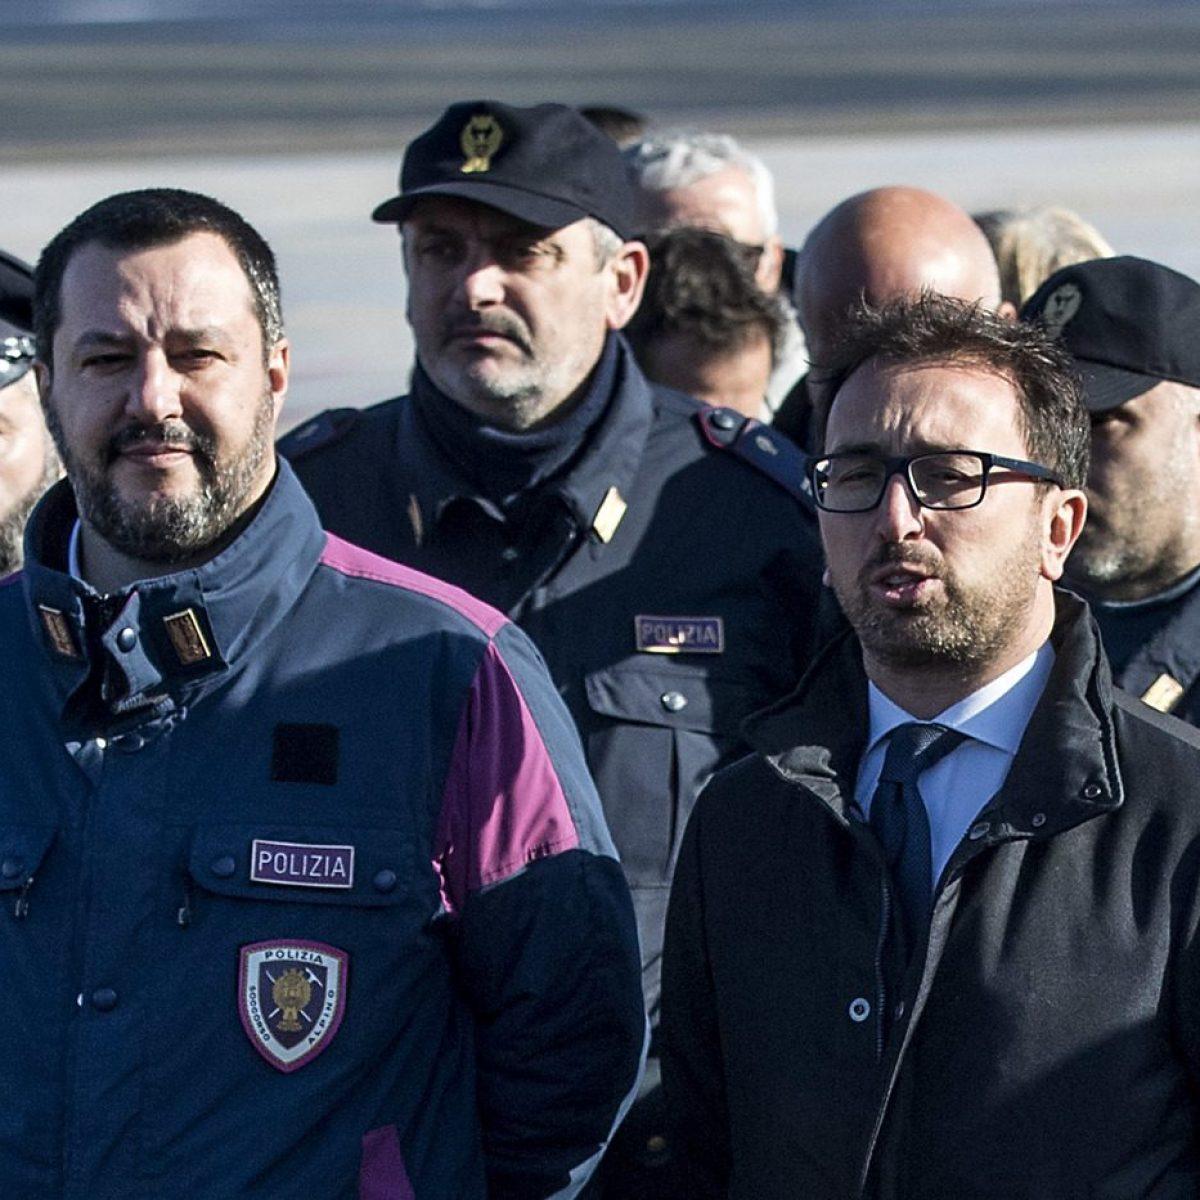 Salvini Matteo Continua Della Indossare Polizia La A E Divisa 54RALj